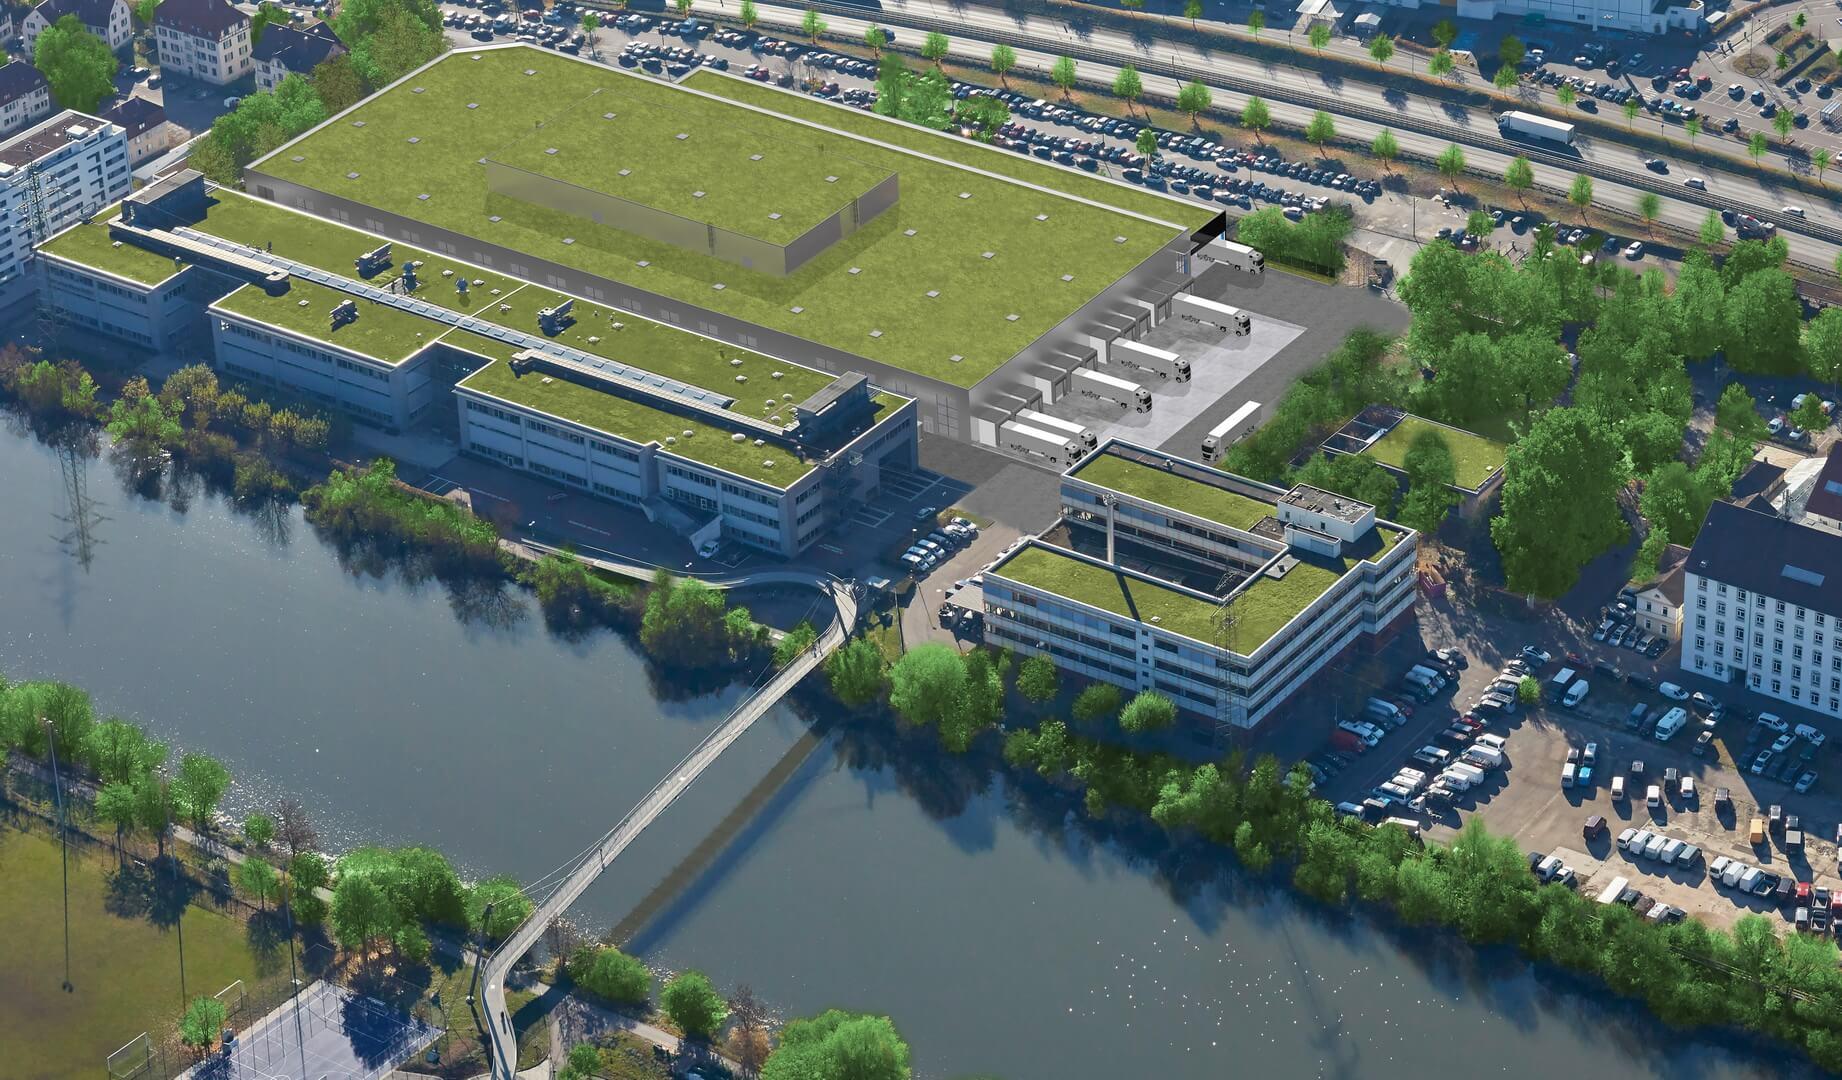 Mercedes-Benz начинает строительство завода по производству аккумуляторов в Унтертюркхайме (Штутгарт)